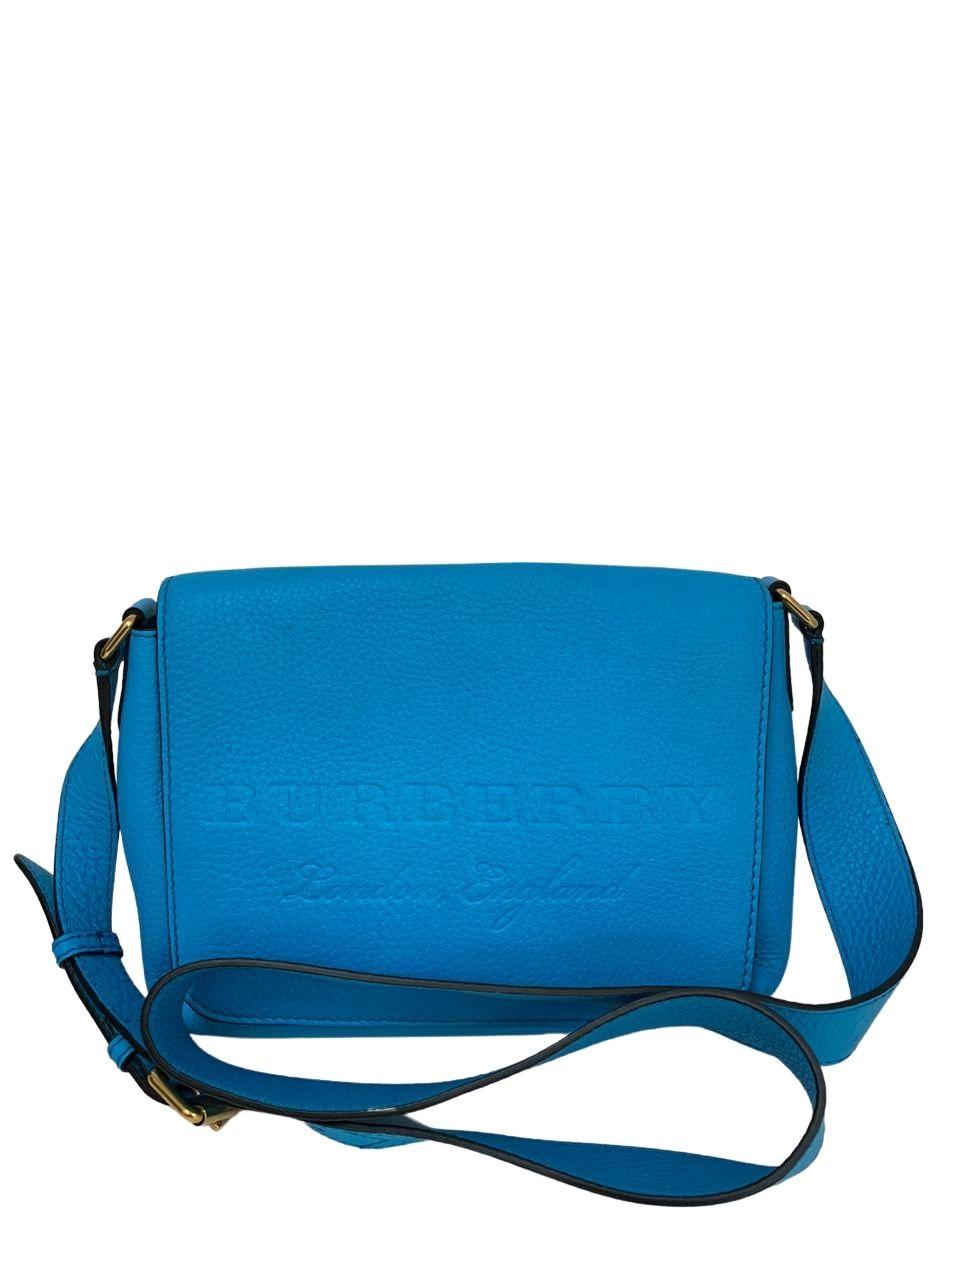 Bolsa Burberry Azul